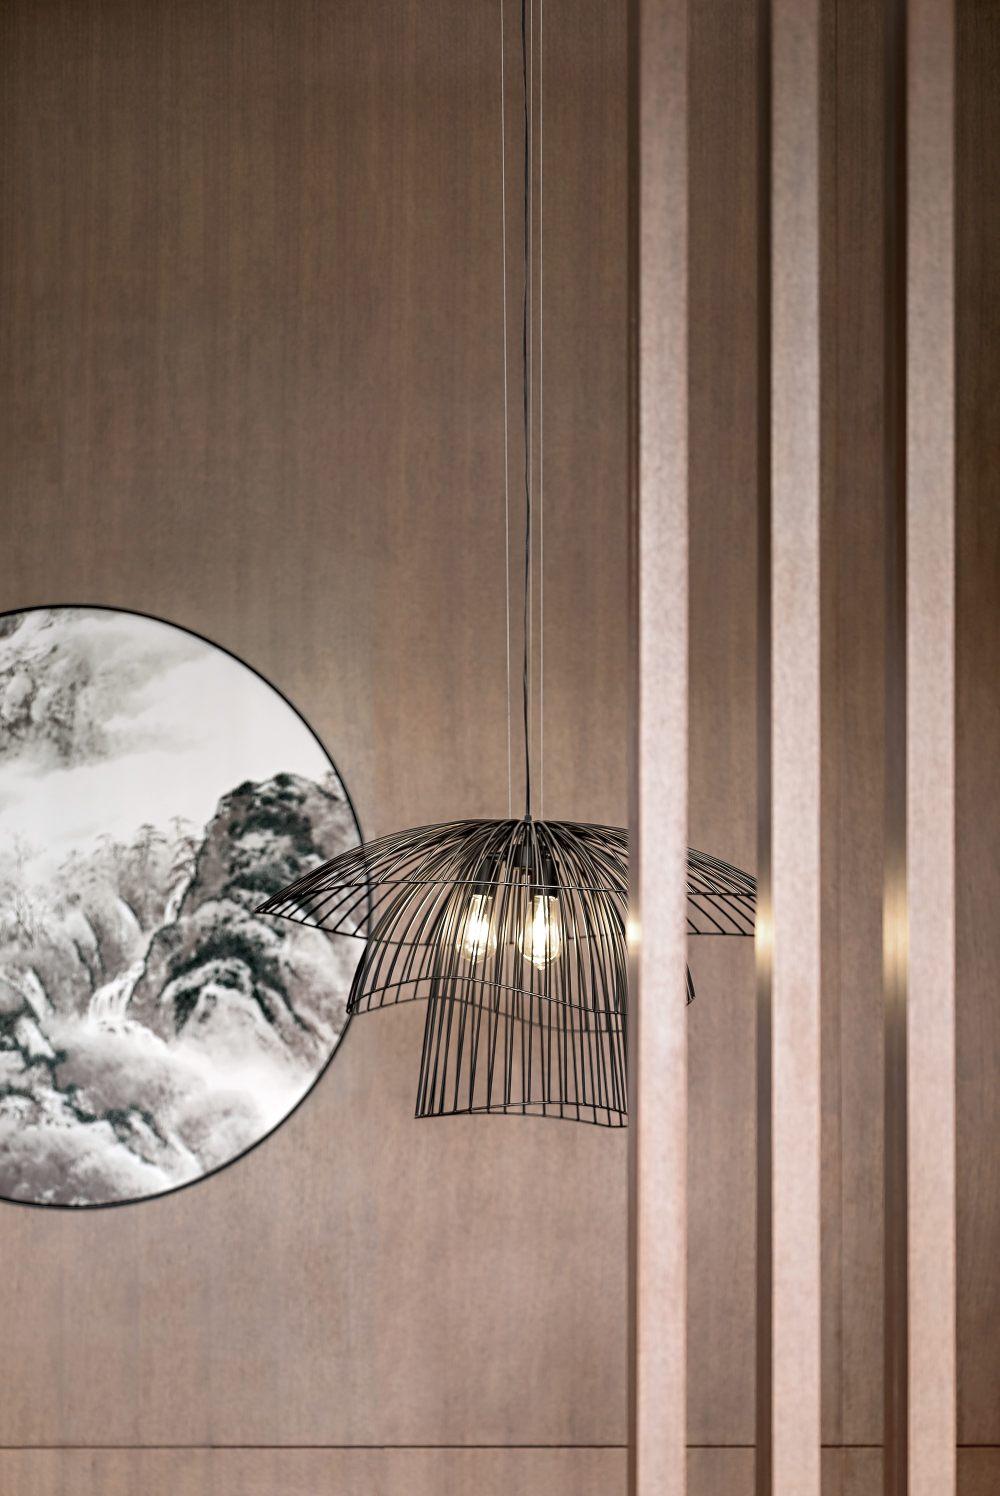 北京世园凯悦酒店  CL3思联建筑设计_31._中餐厅.jpg